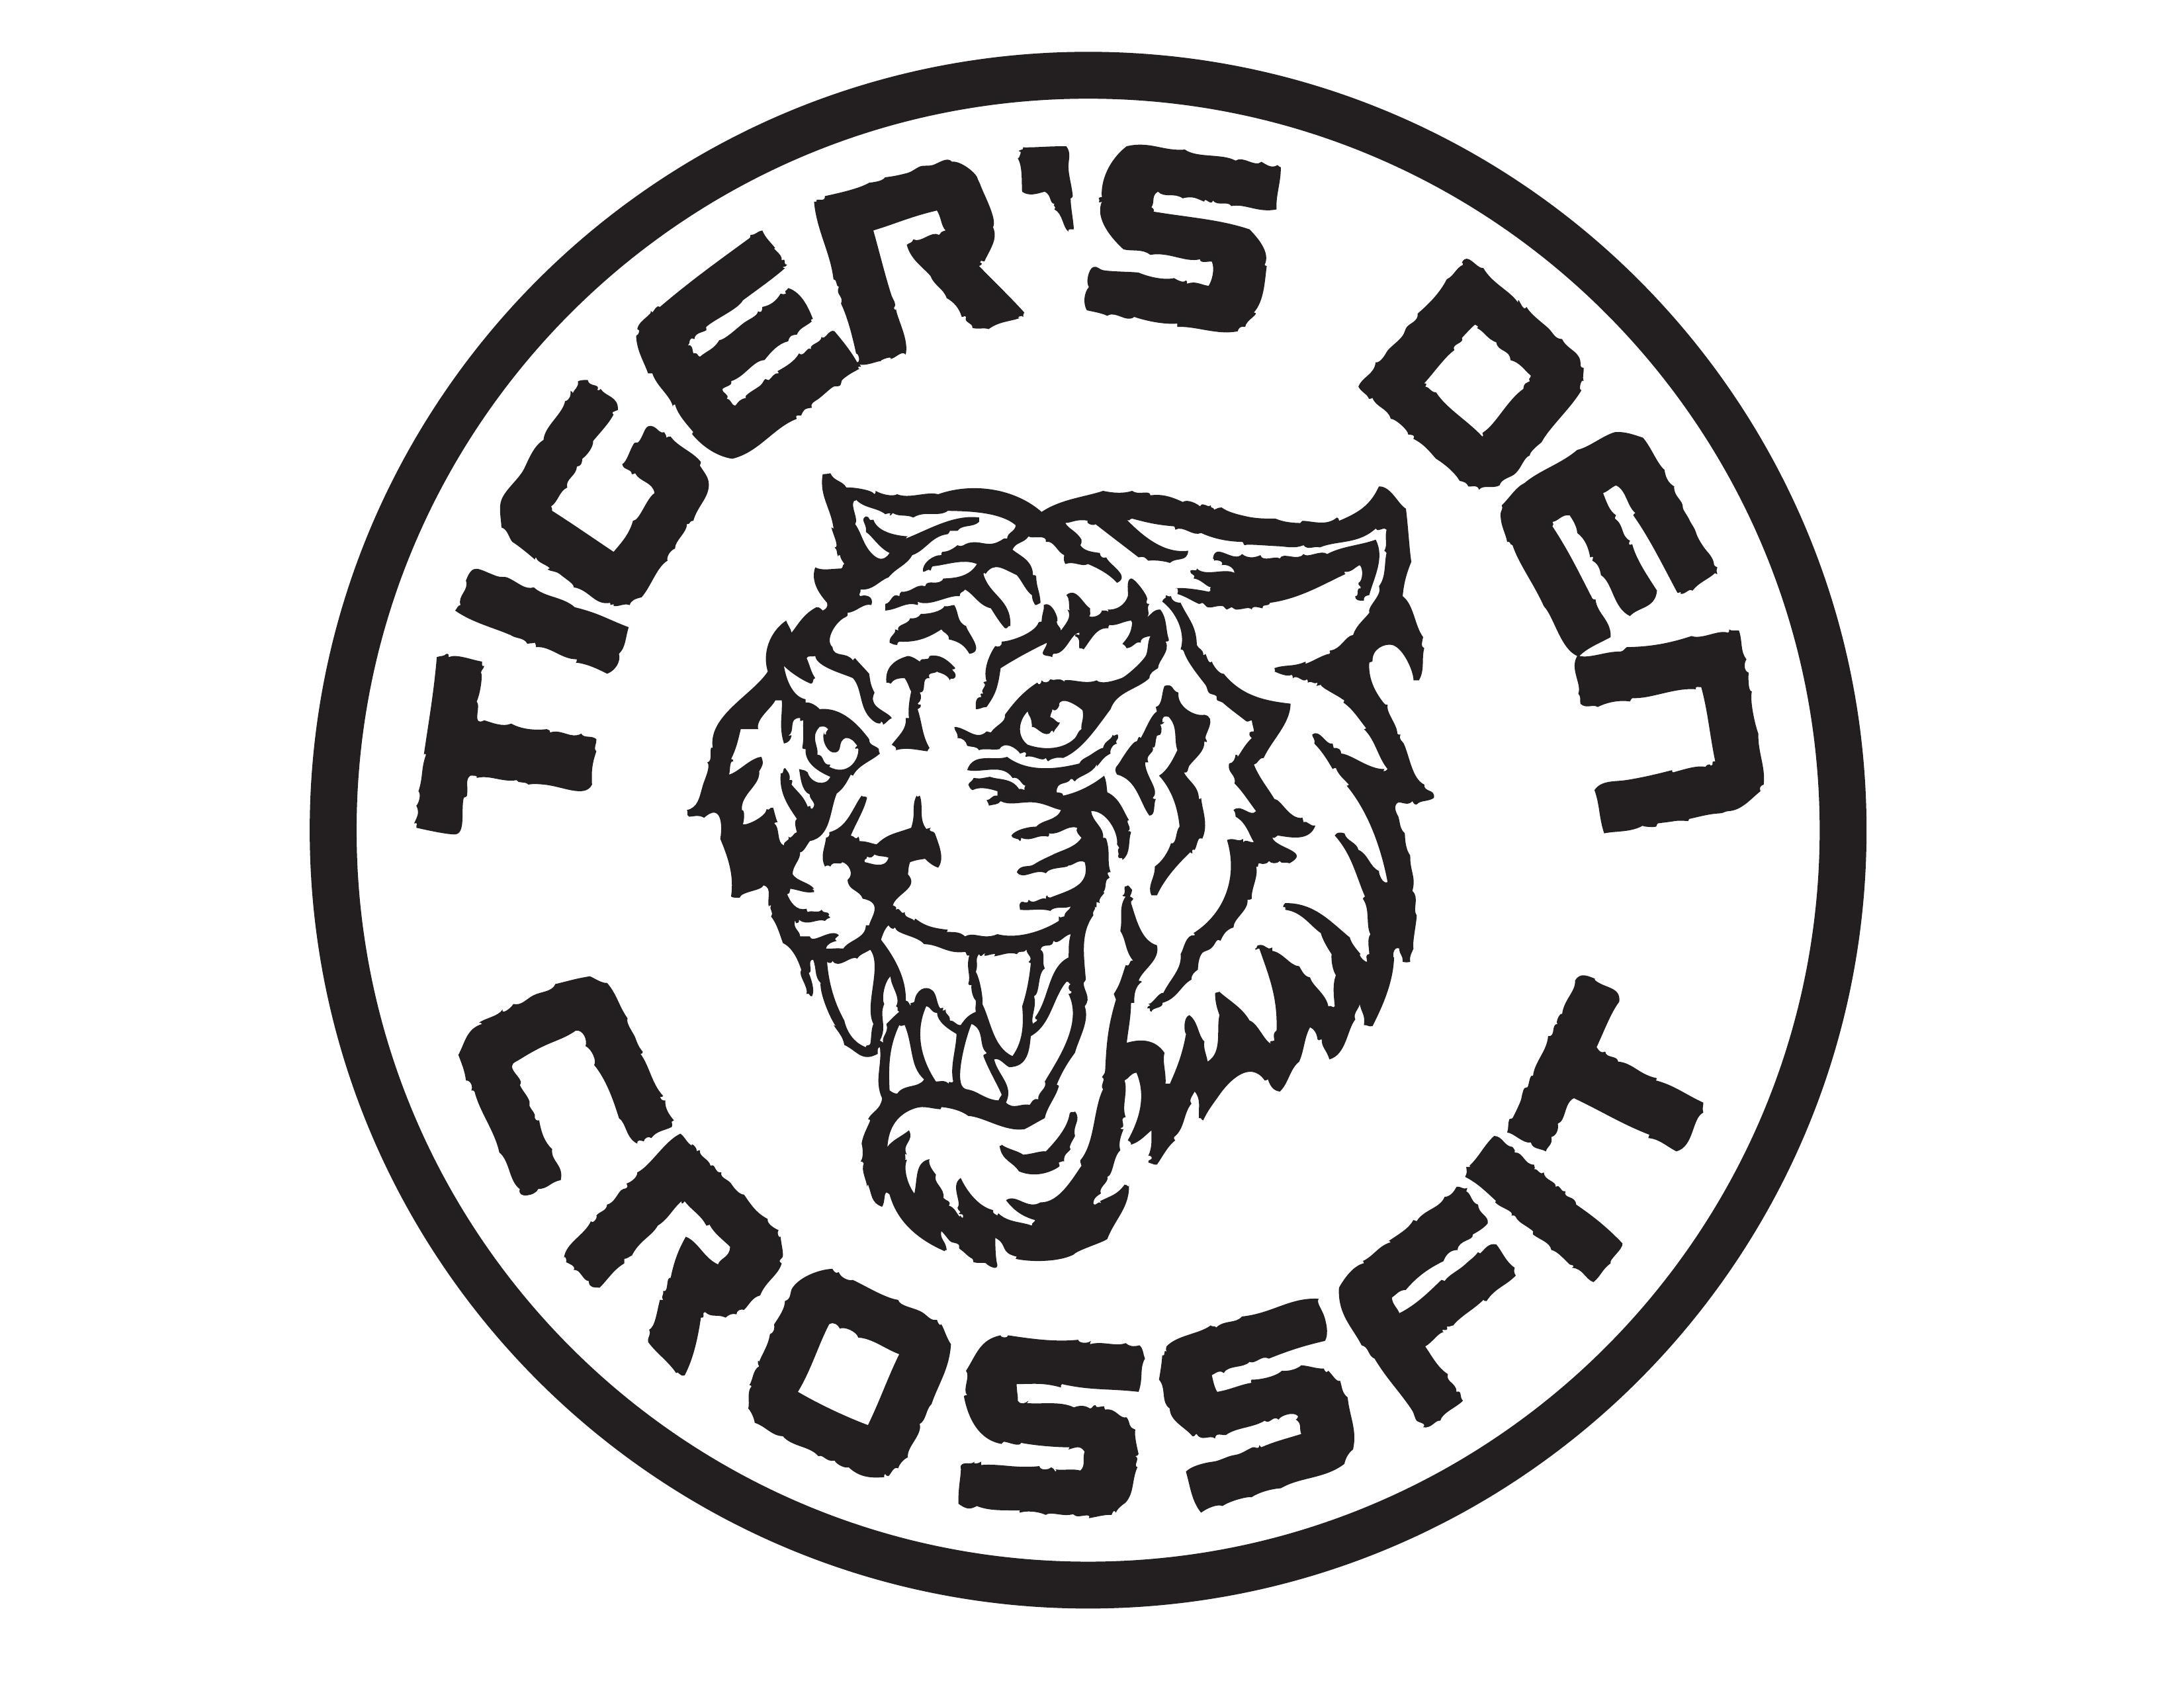 Tiger's Den CrossFit logo